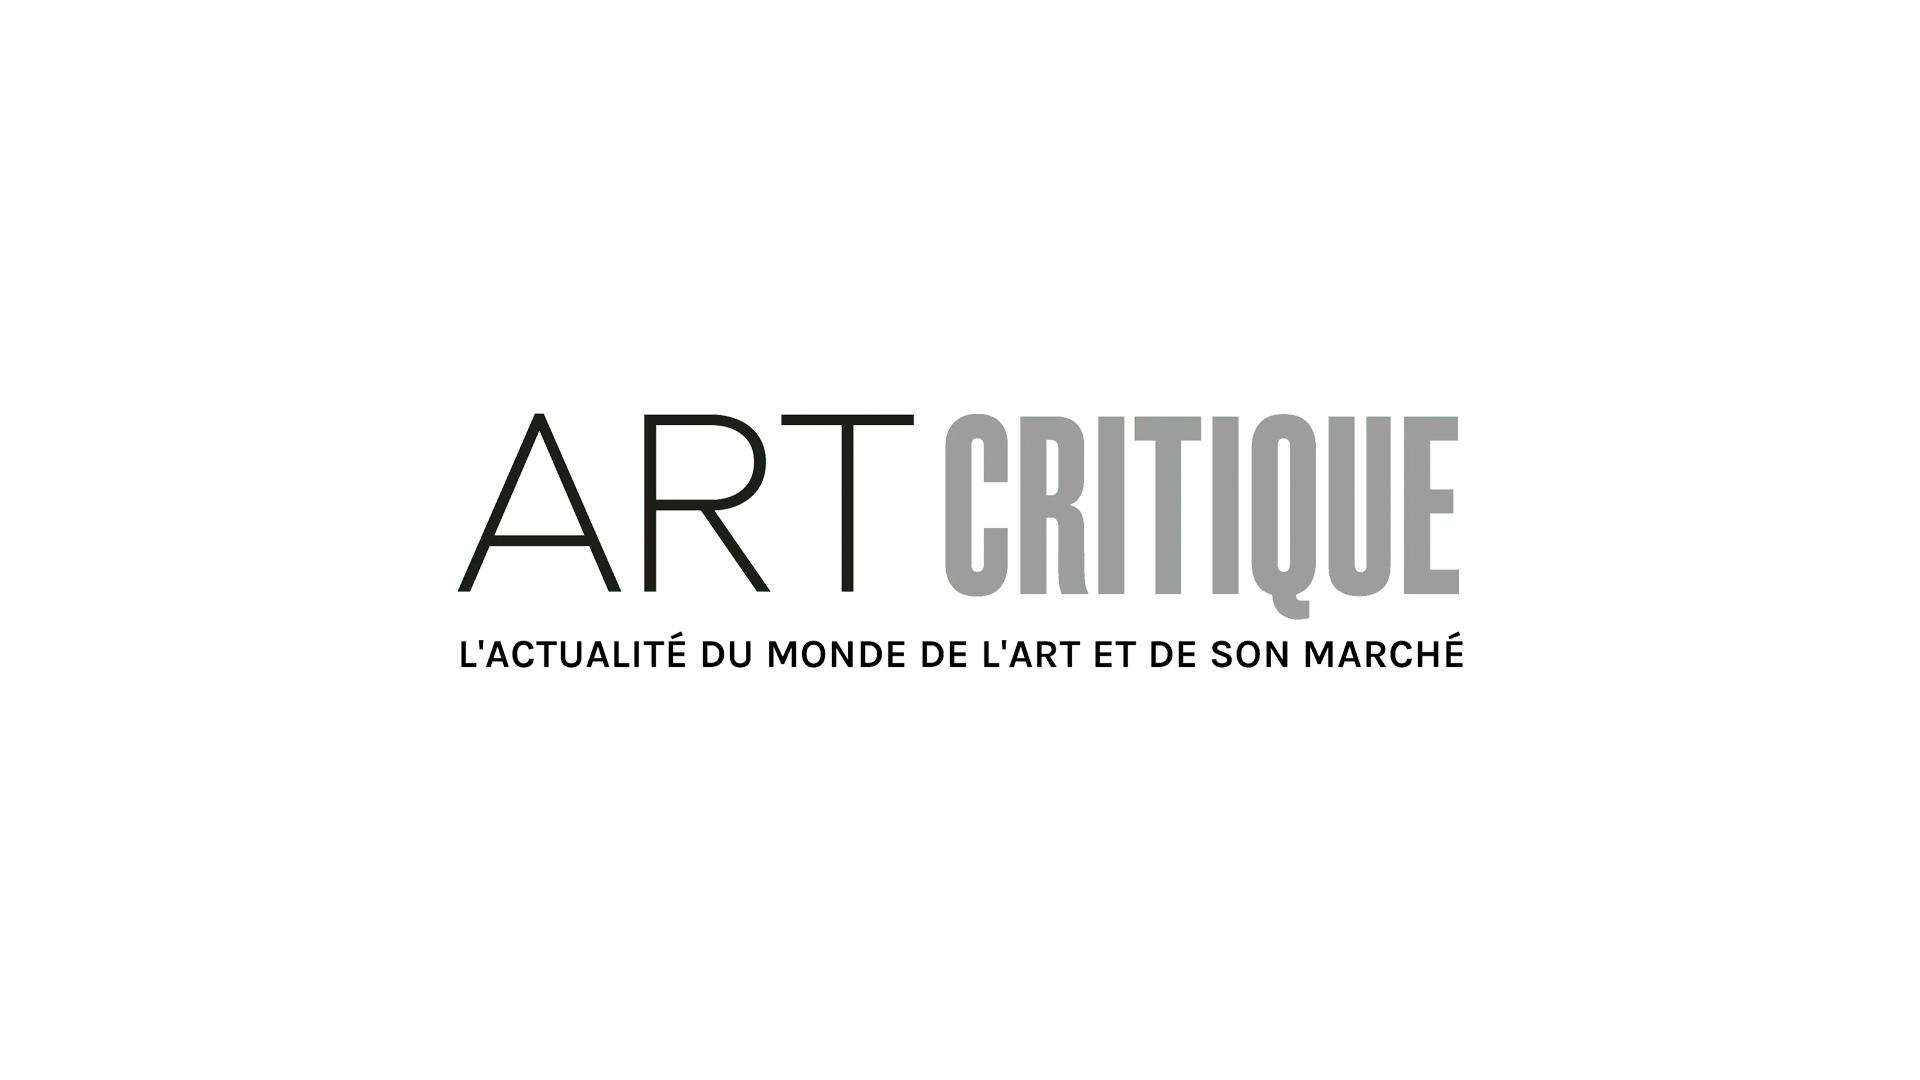 La troisième édition du Printemps de la Sculpture